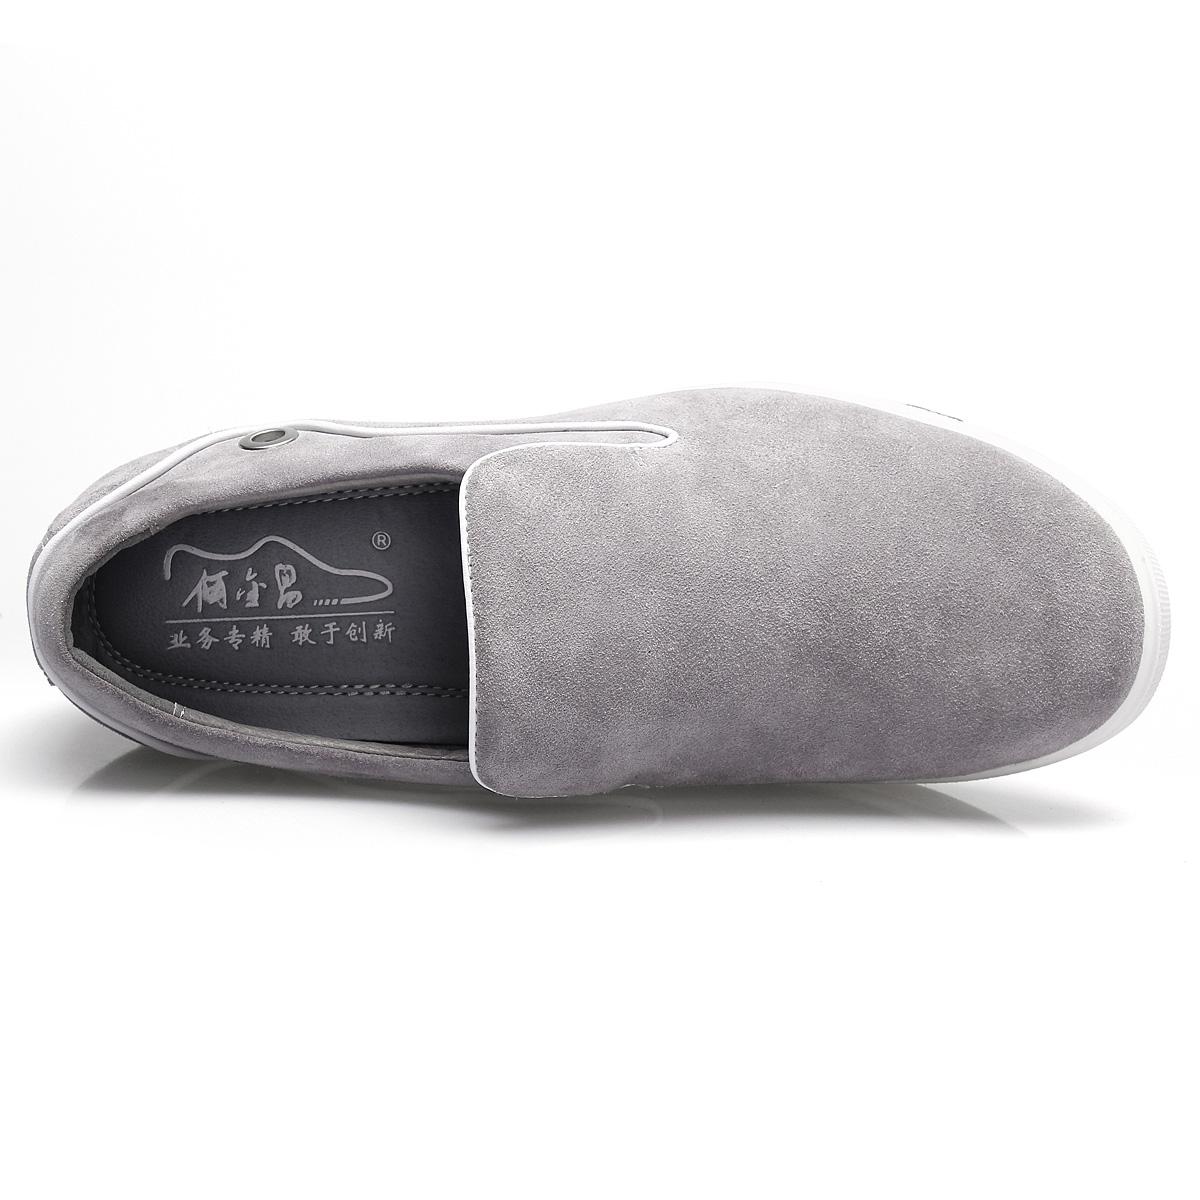 Демисезонные ботинки AJINCHANG x4925 Обувь на тонкой подошве ( для скейтборда ) Спортивный Двухслойная натуральная кожа Круглый носок Без шнуровки Лето